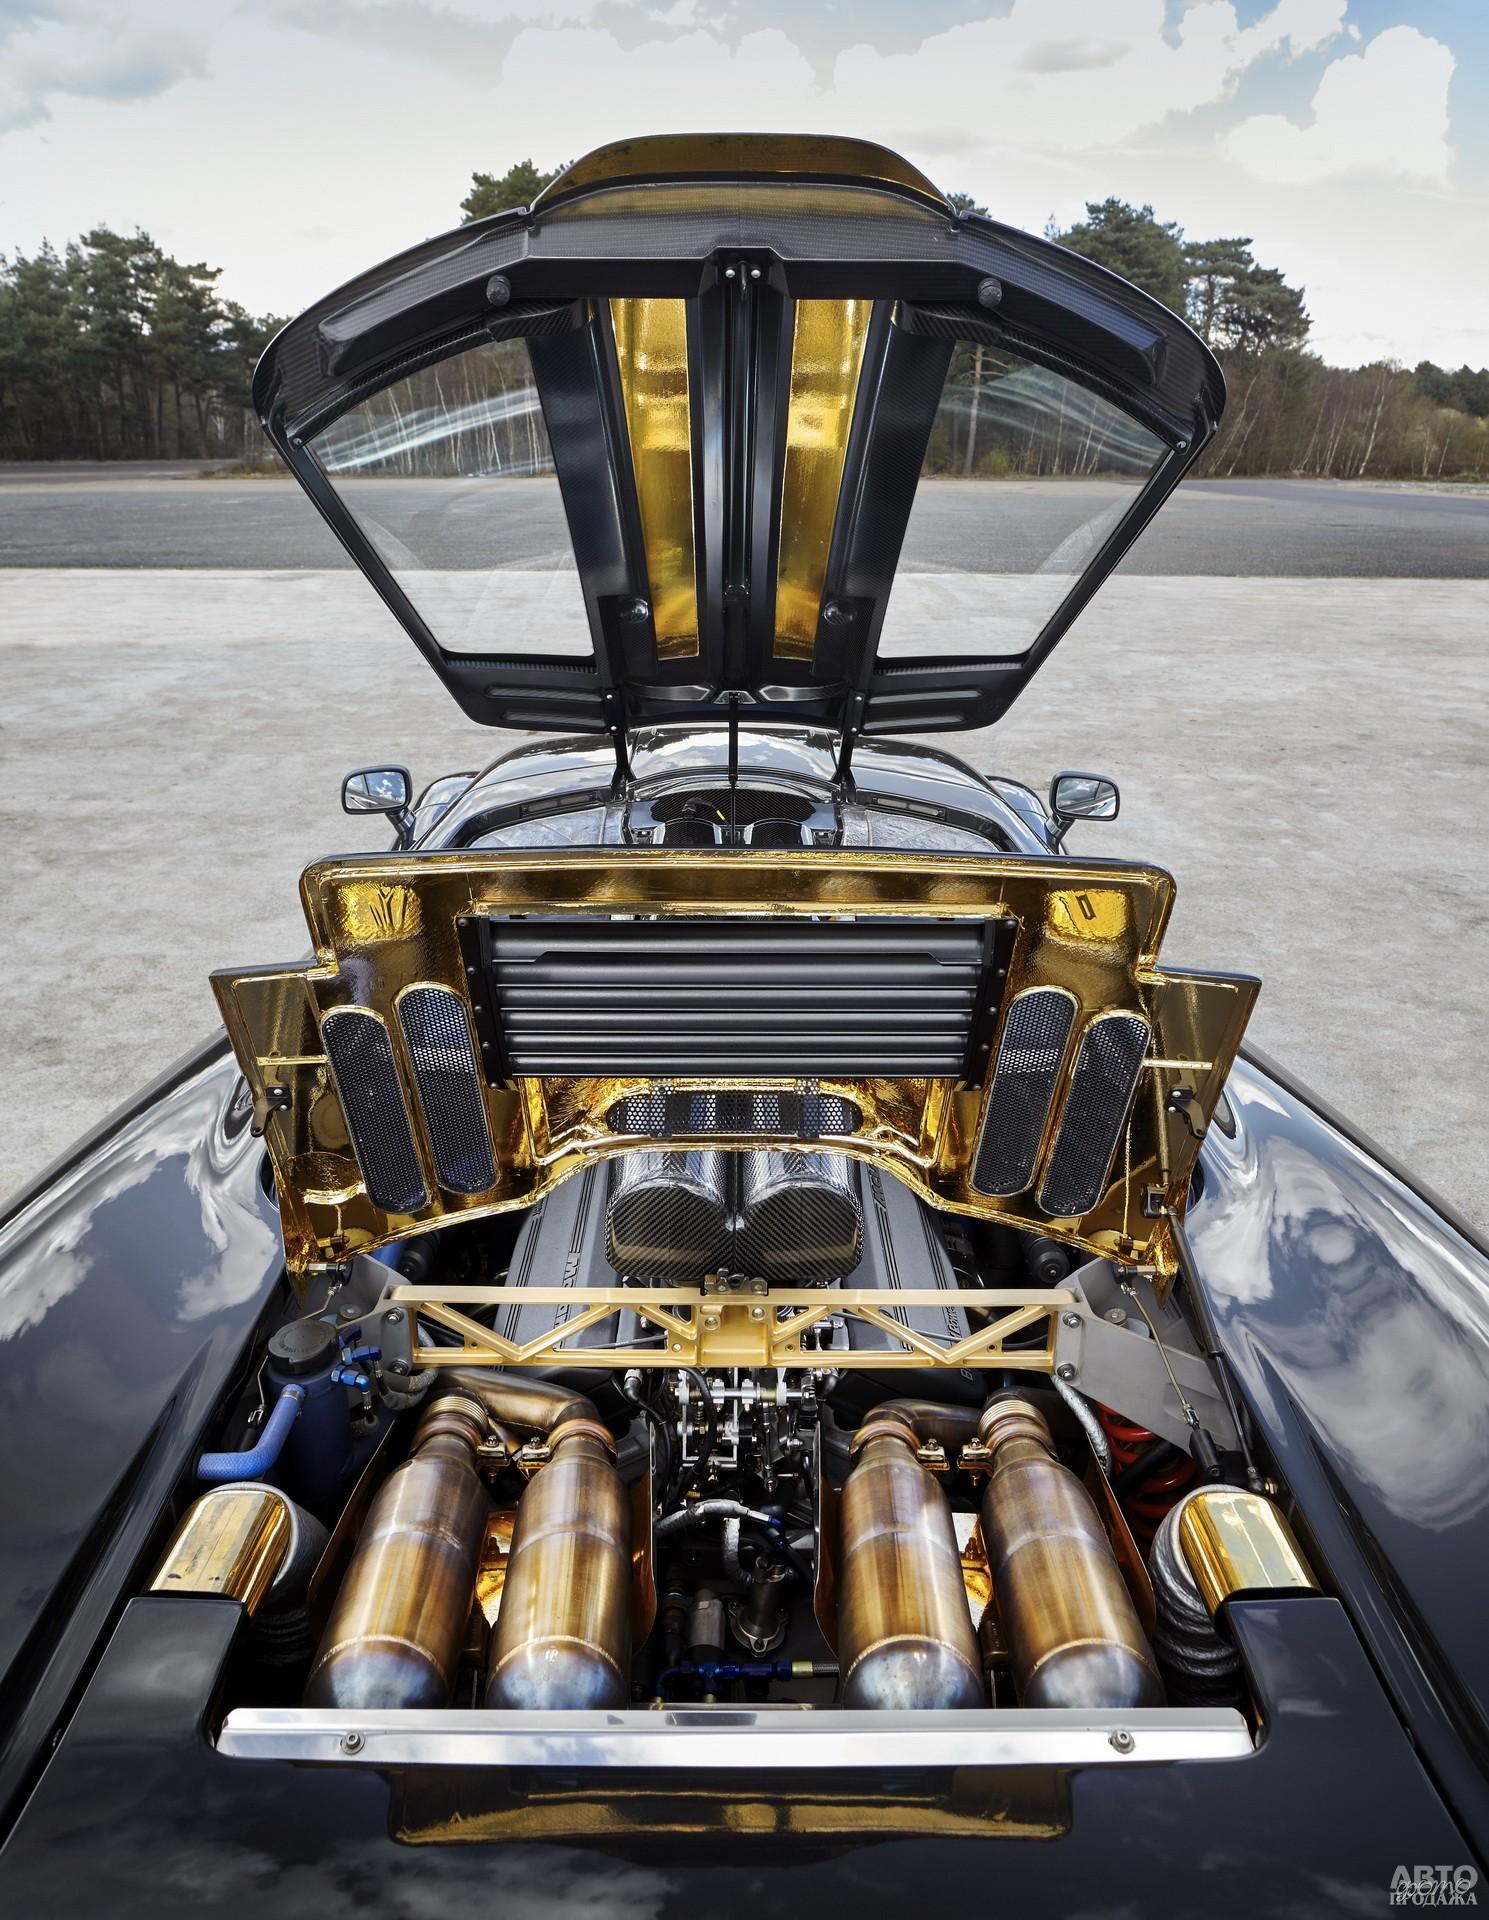 Стенки моторного отсека покрыли золотом